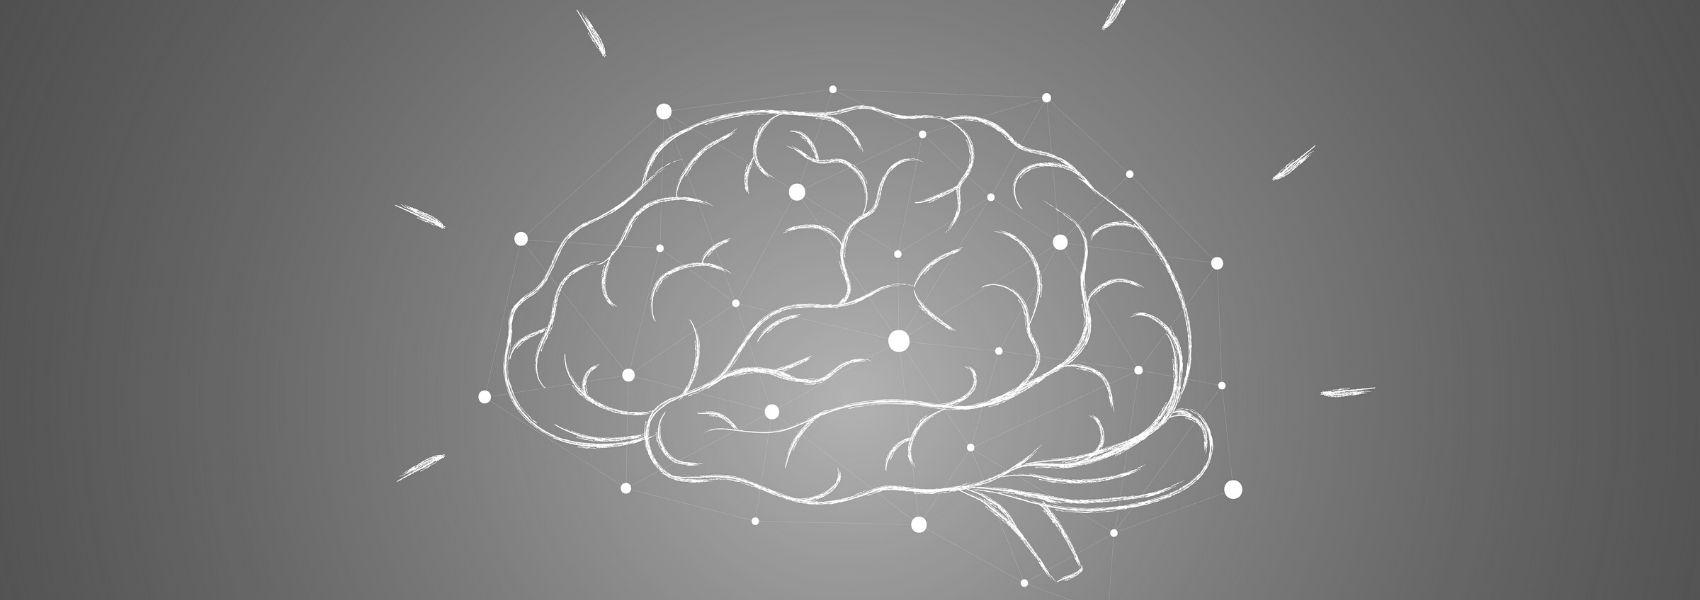 Cientistas descobrem gene protetor da doença de Alzheimer